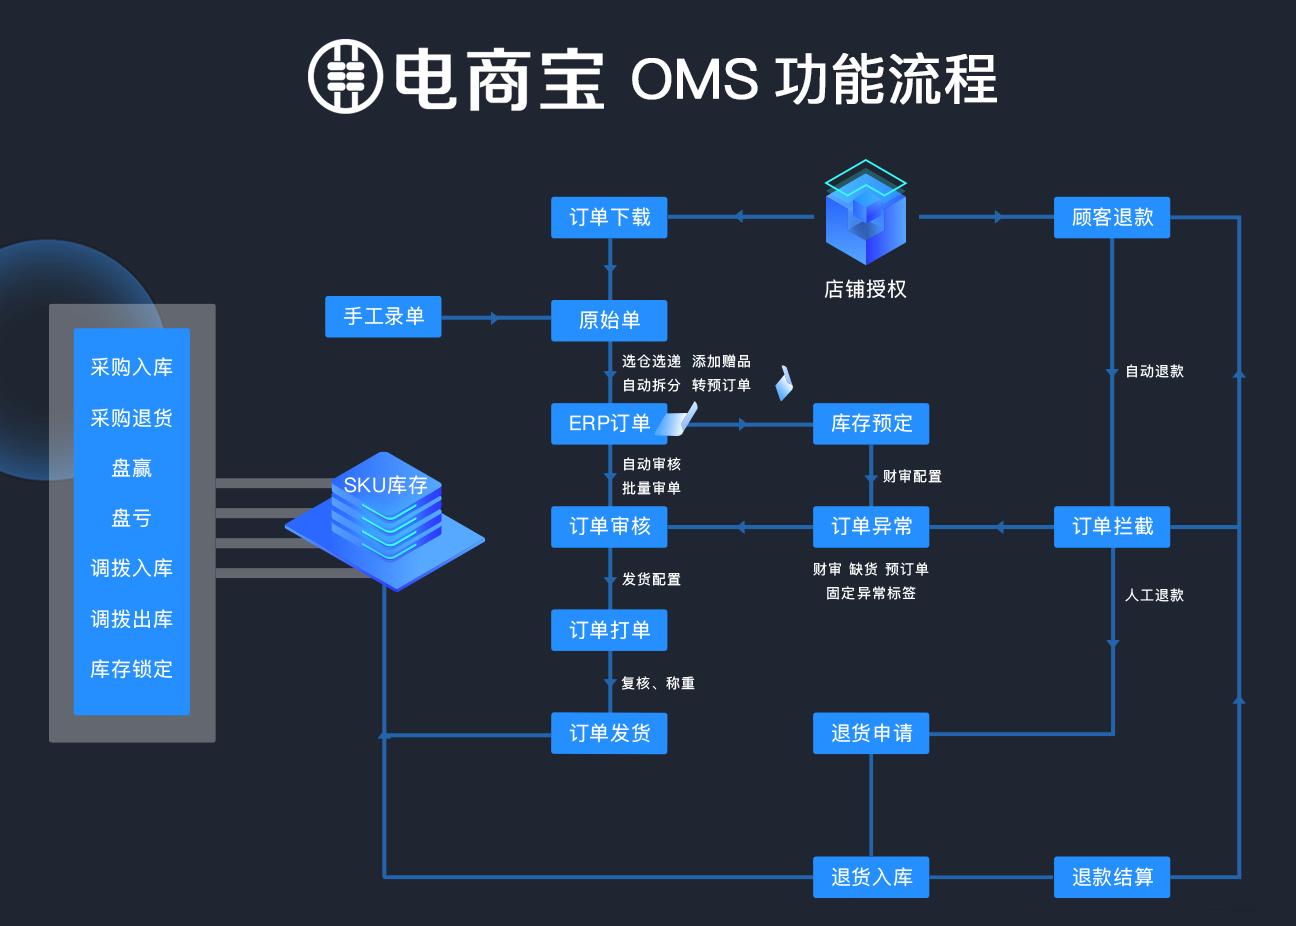 电商宝OMS流程图